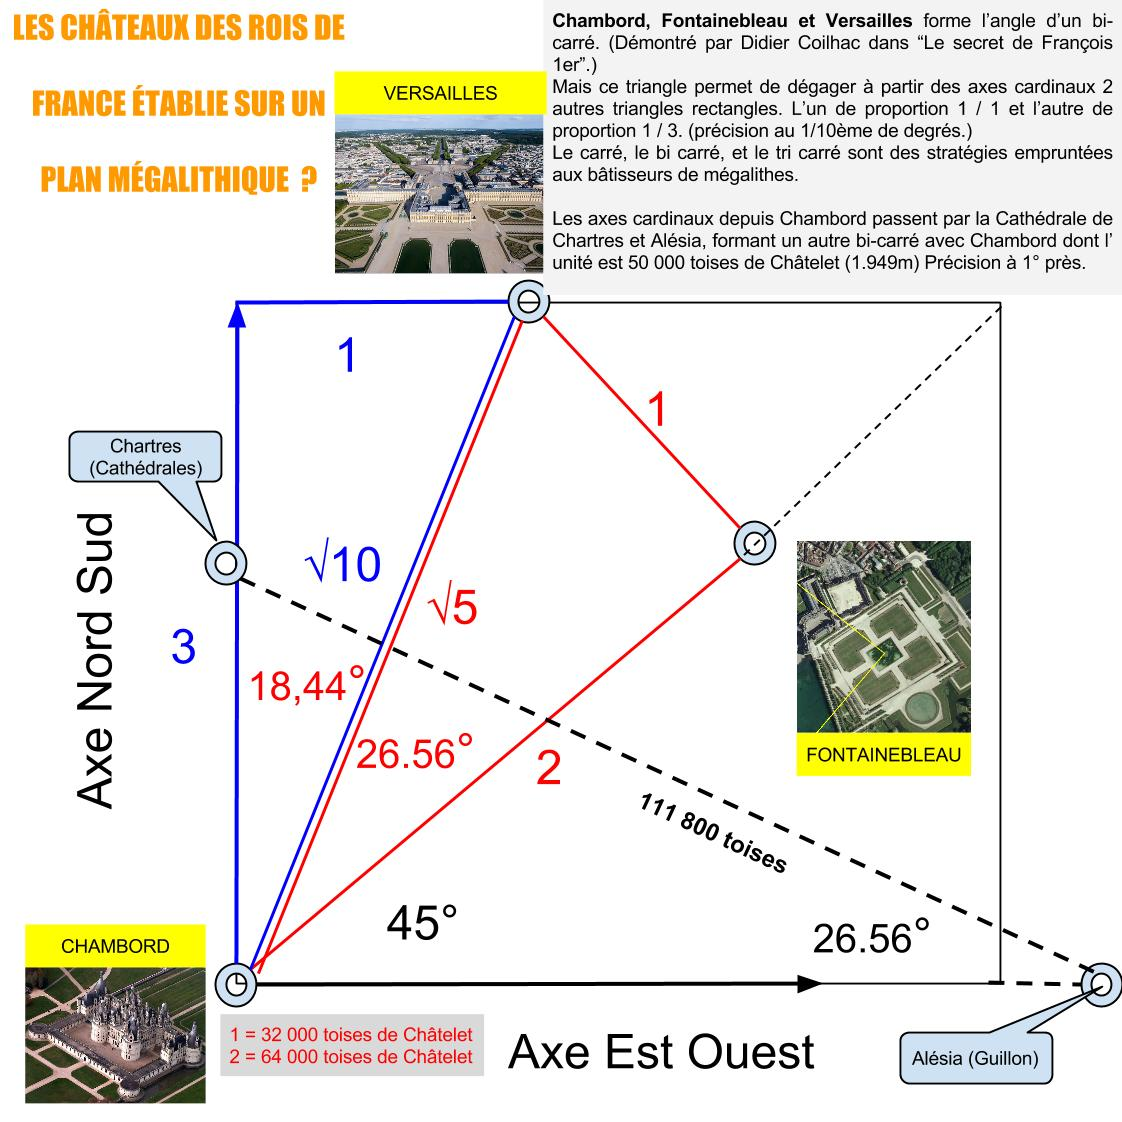 Chambord plan megalithique